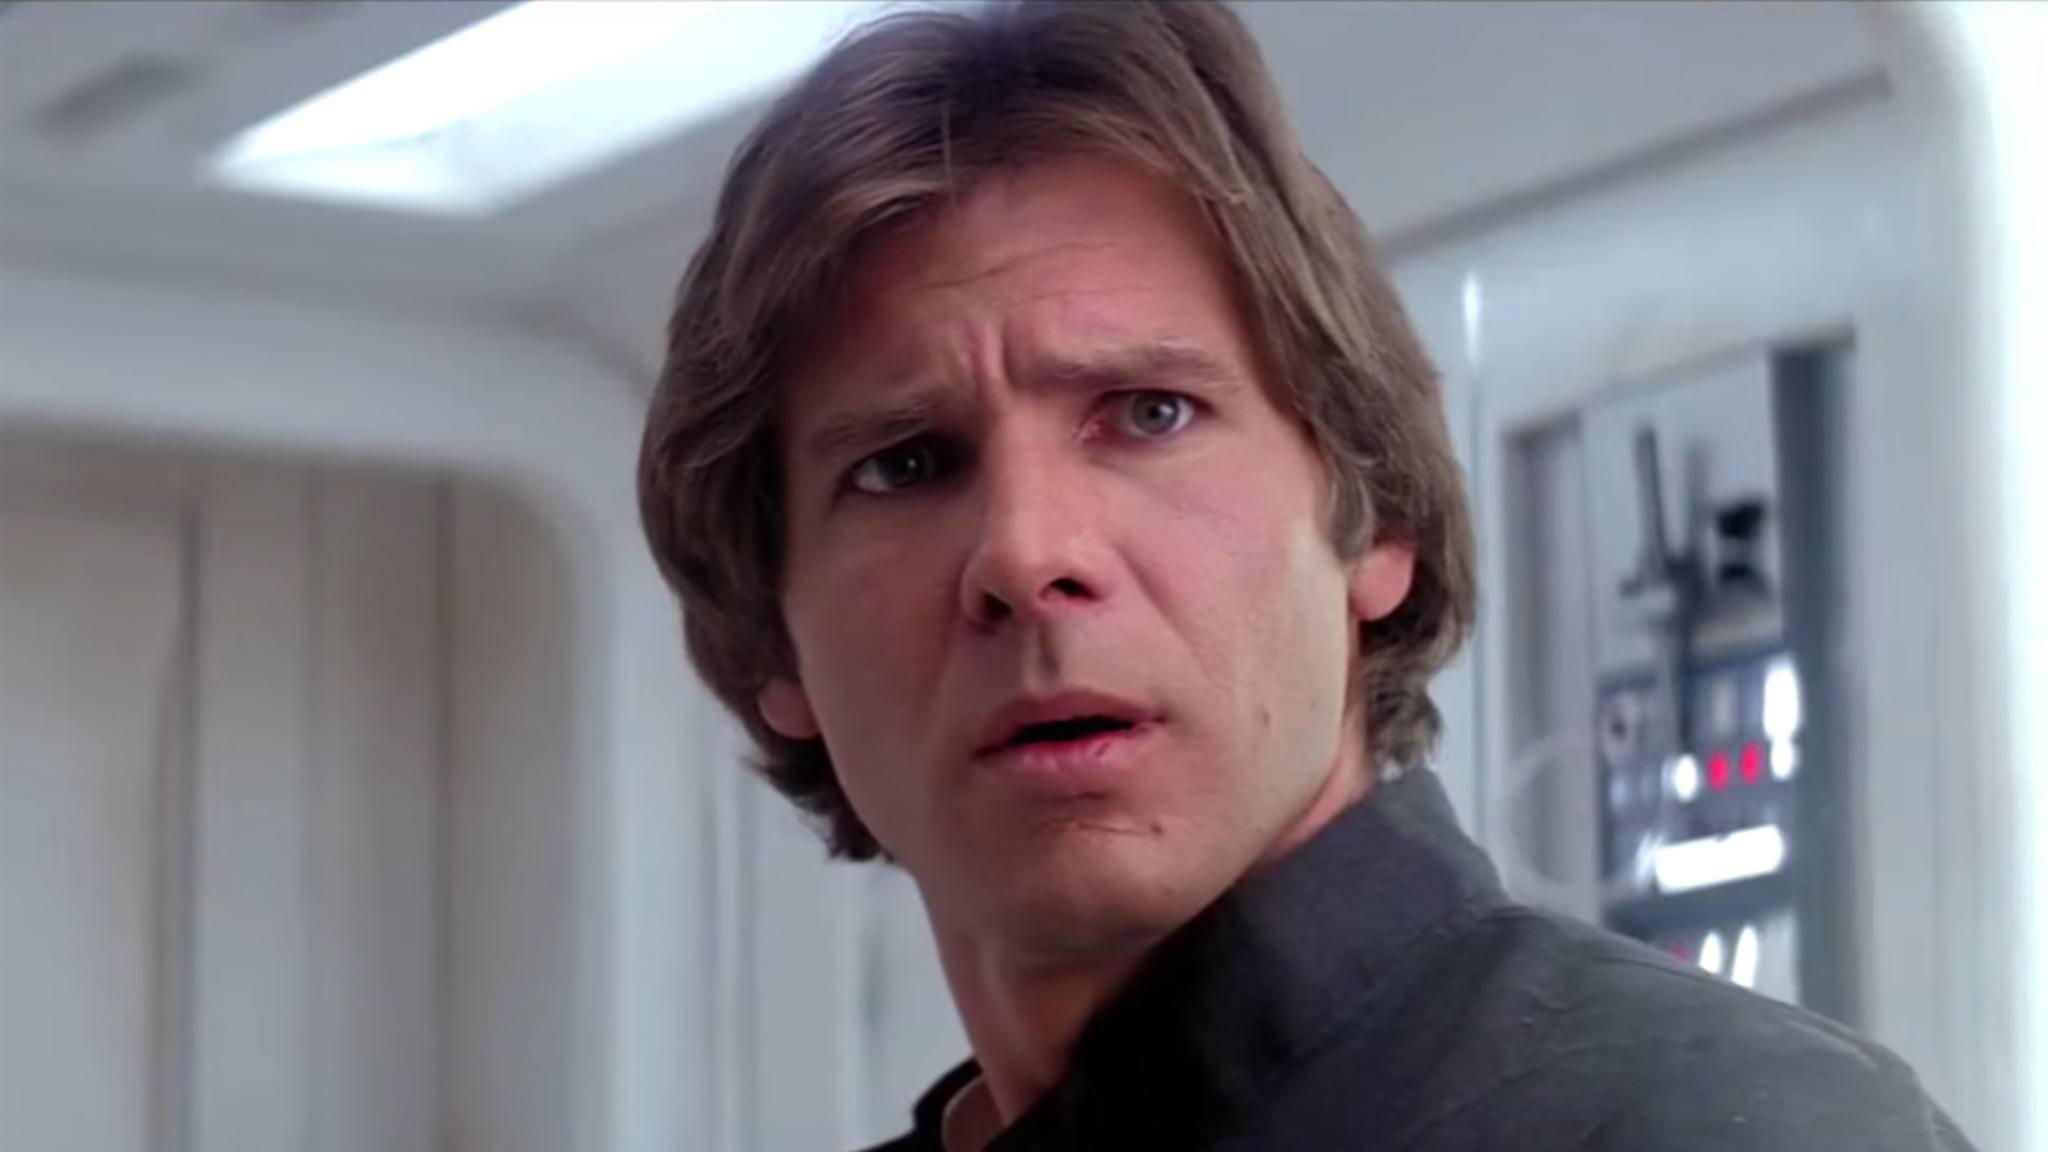 Wohin geht die Reise für Han Solo im kommenden Spin-off? Fans können sich offenbar auf Überraschungen gefasst machen...